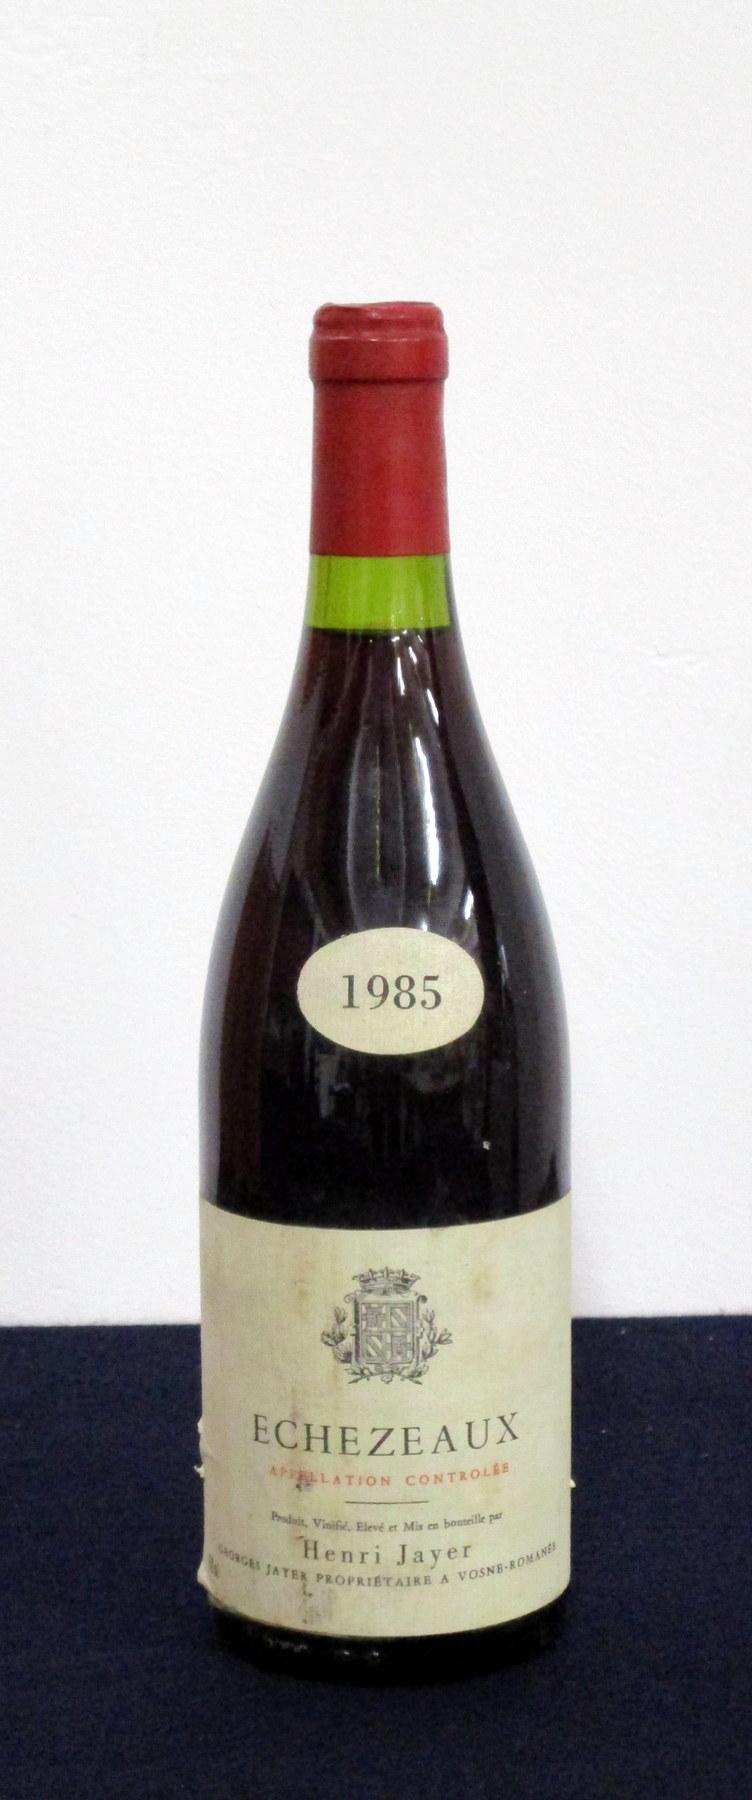 1 bt Echezeaux Grand Cru Elevé et Vinifié par Henri Jayer 1985 From the vines of Georges Jayer i.